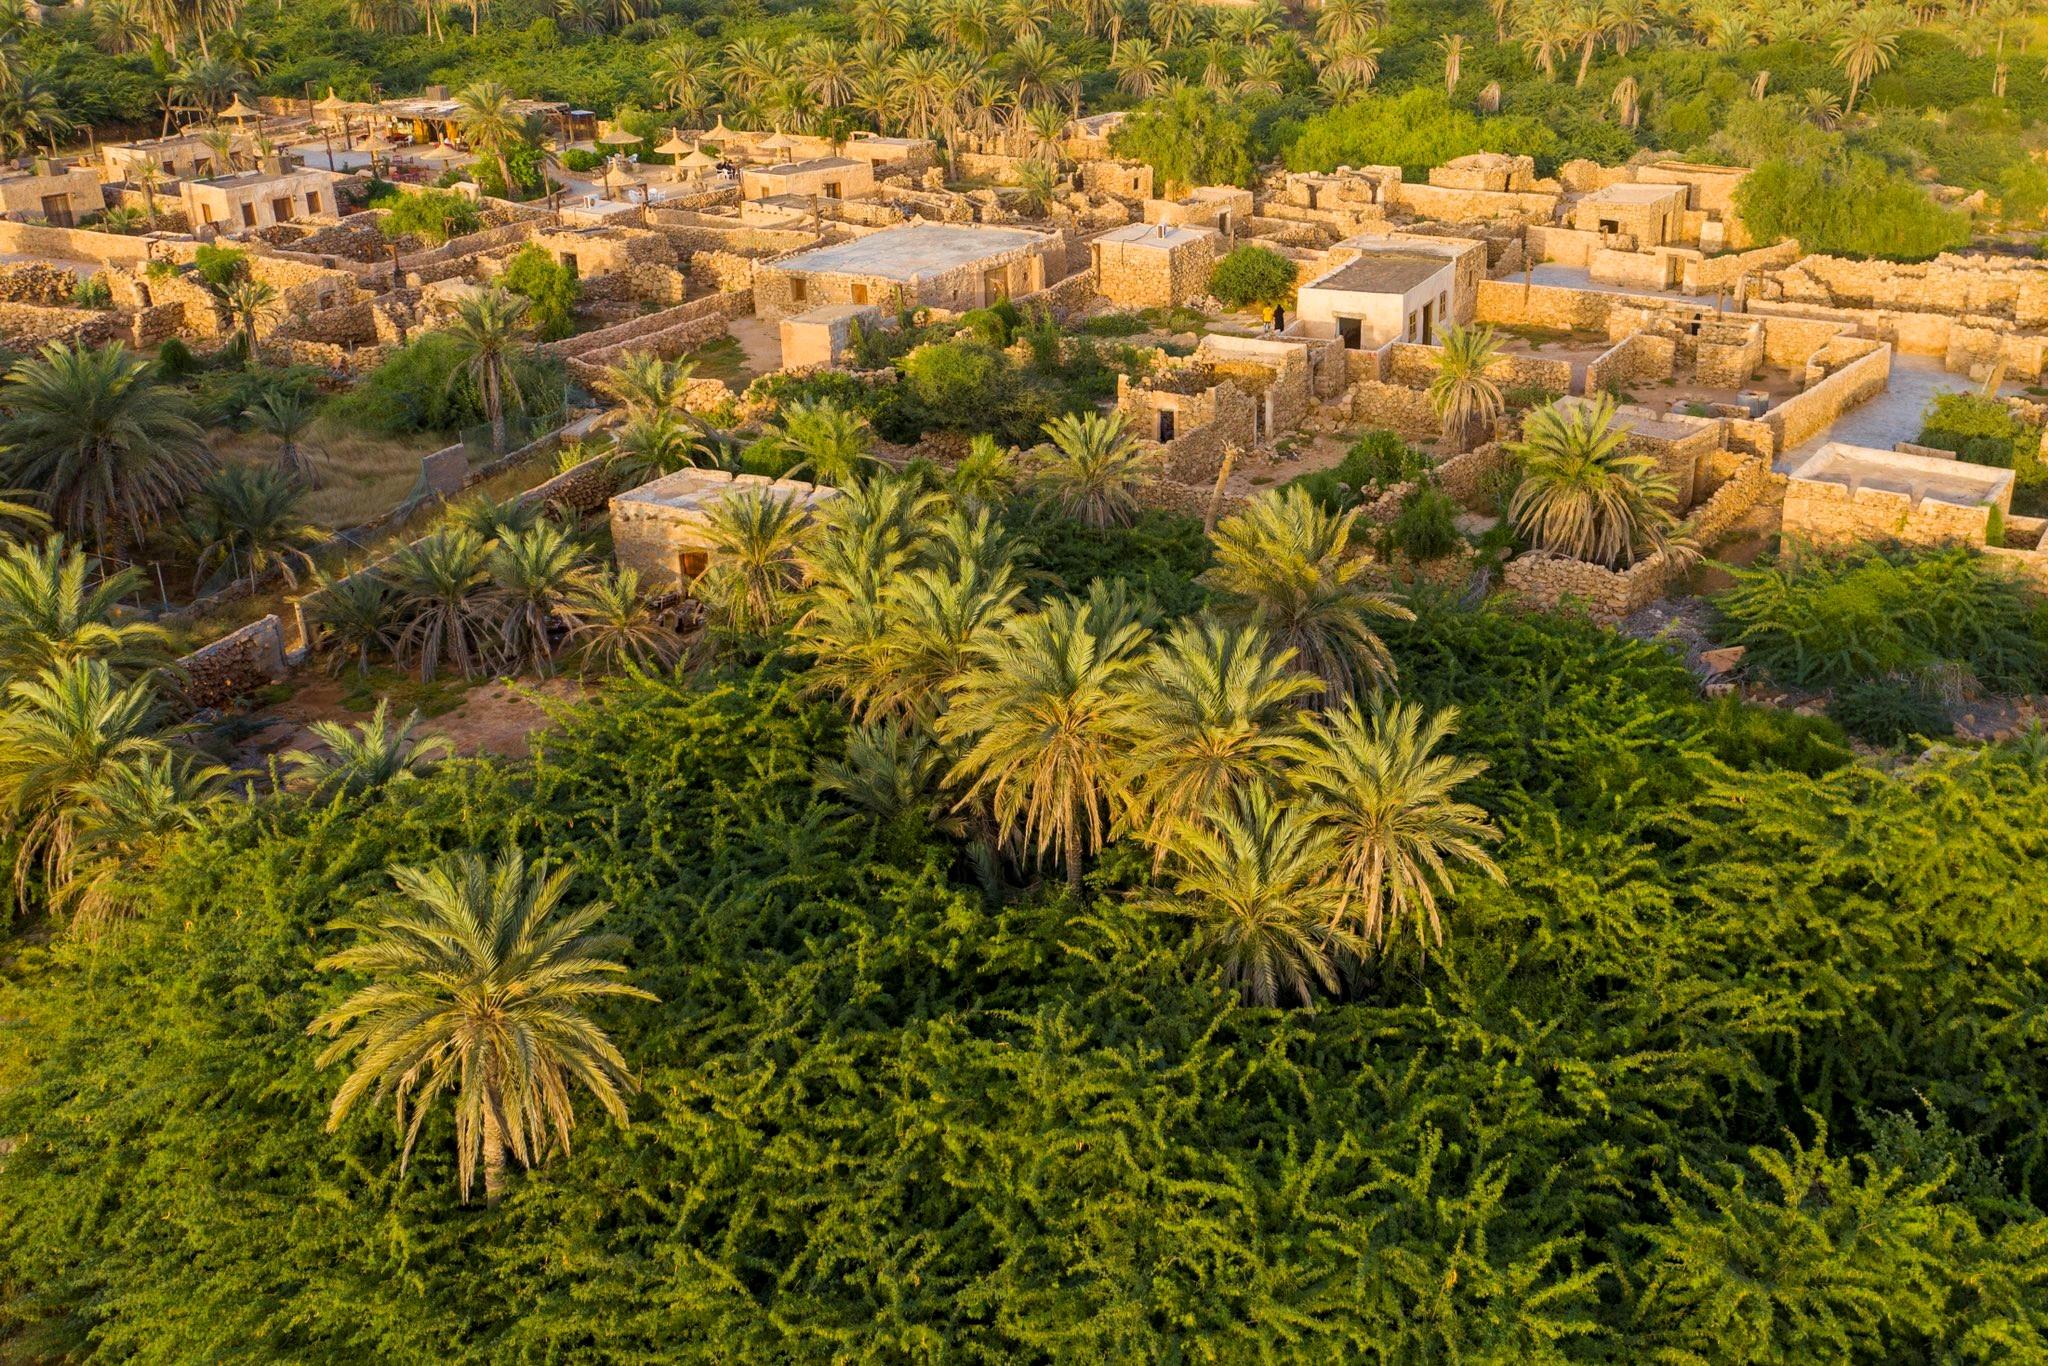 قرية القصار التاريخية. (موقع وزير الثقافة السعودي).jpg